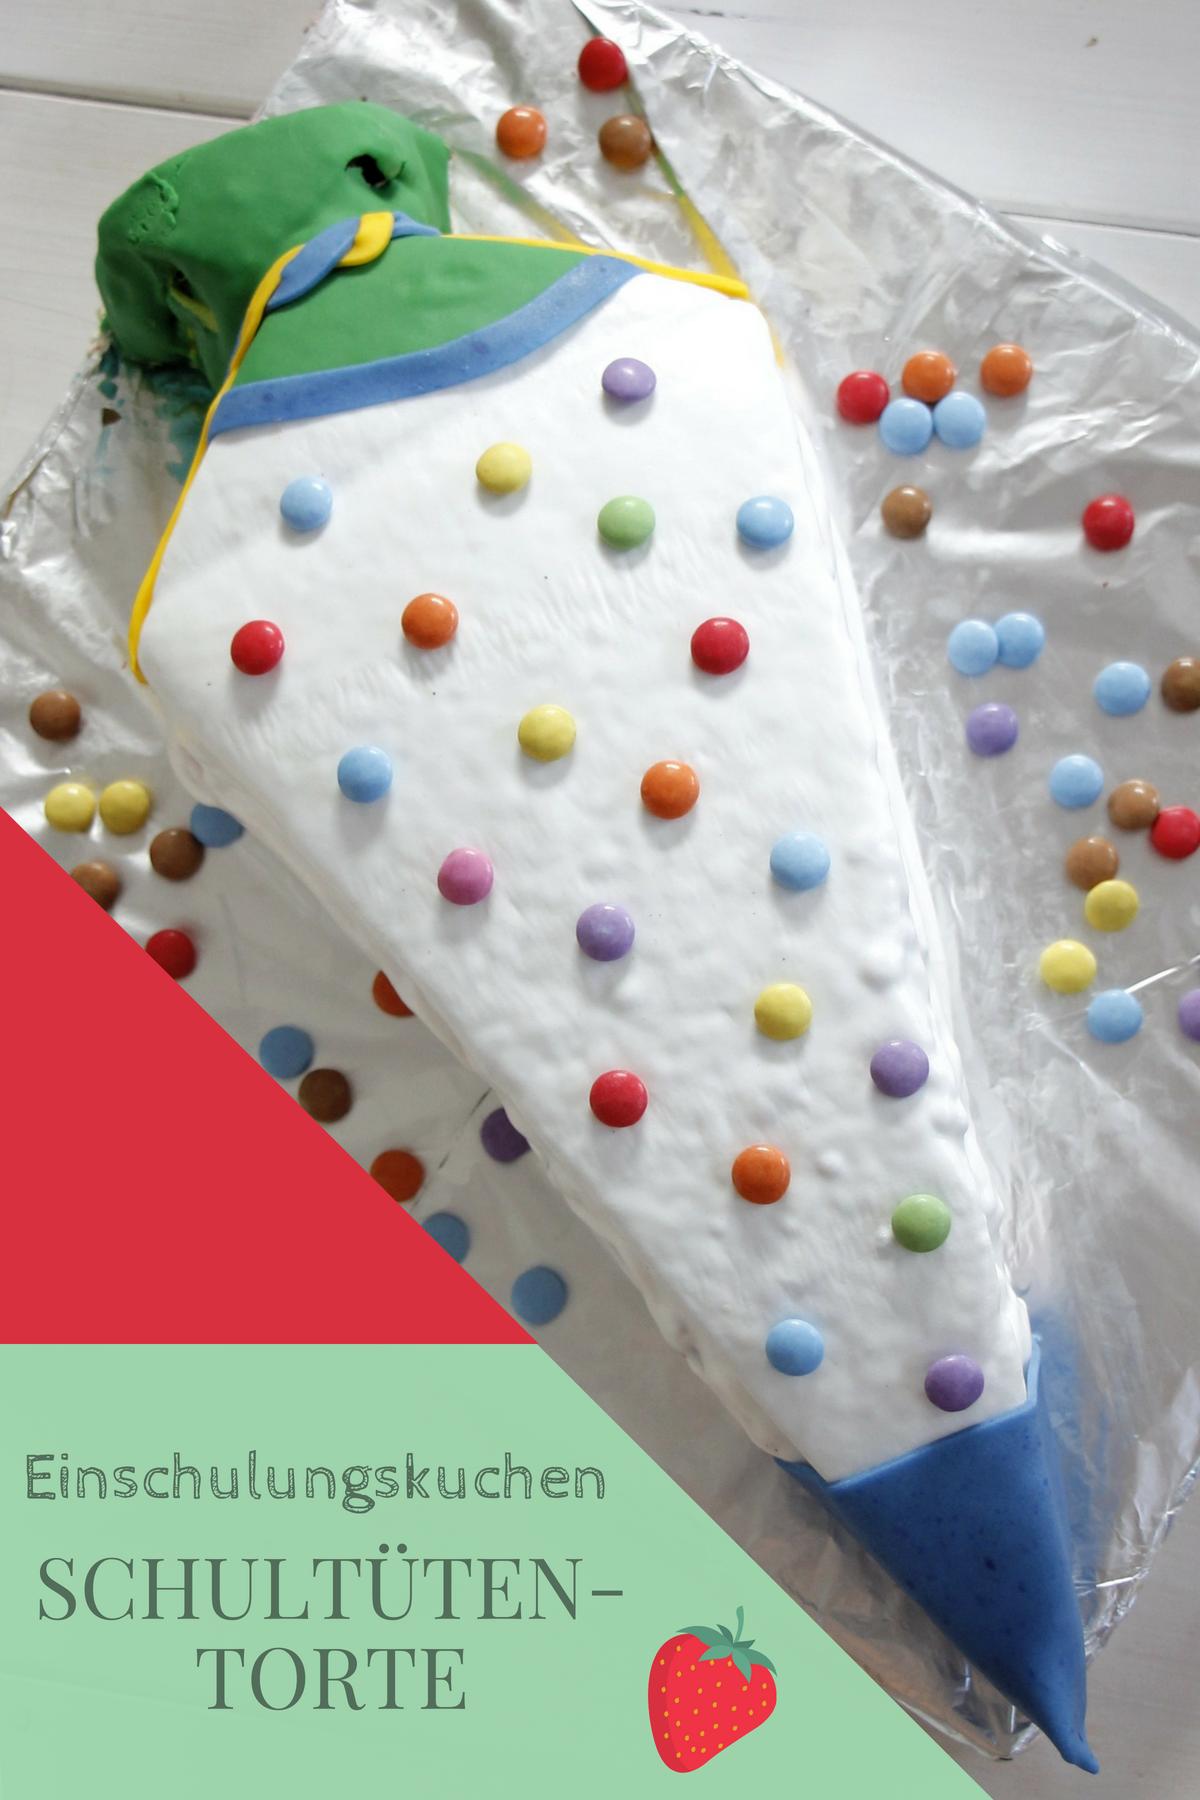 Schultuten Torte Backen Rezept Und Ideen Einschulung Ideen Deko